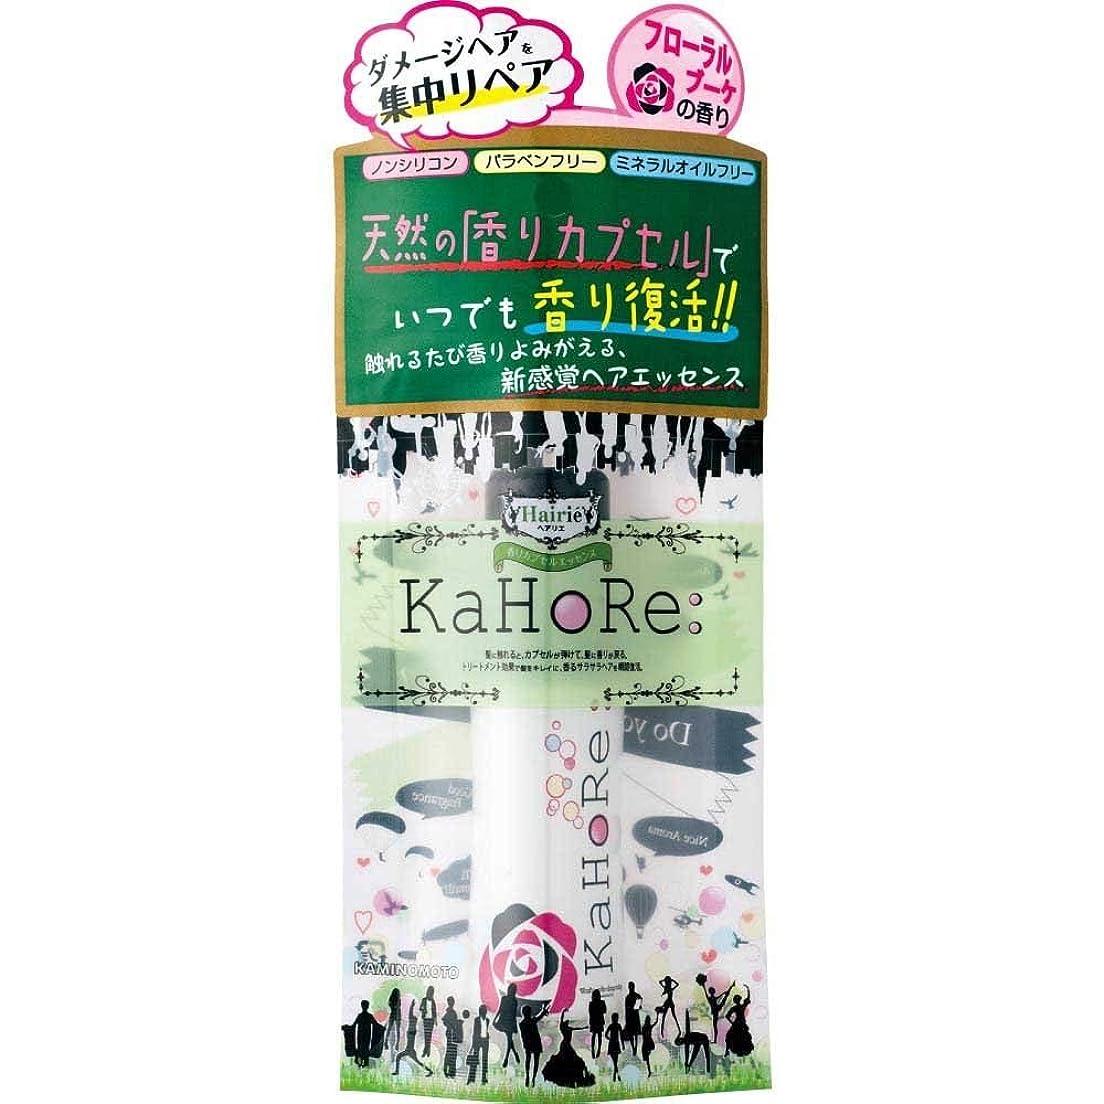 ゴミパイプラインエキスパートヘアリエ KaHoRe ヘアエッセンス フローラルブーケの香り 30g×6個